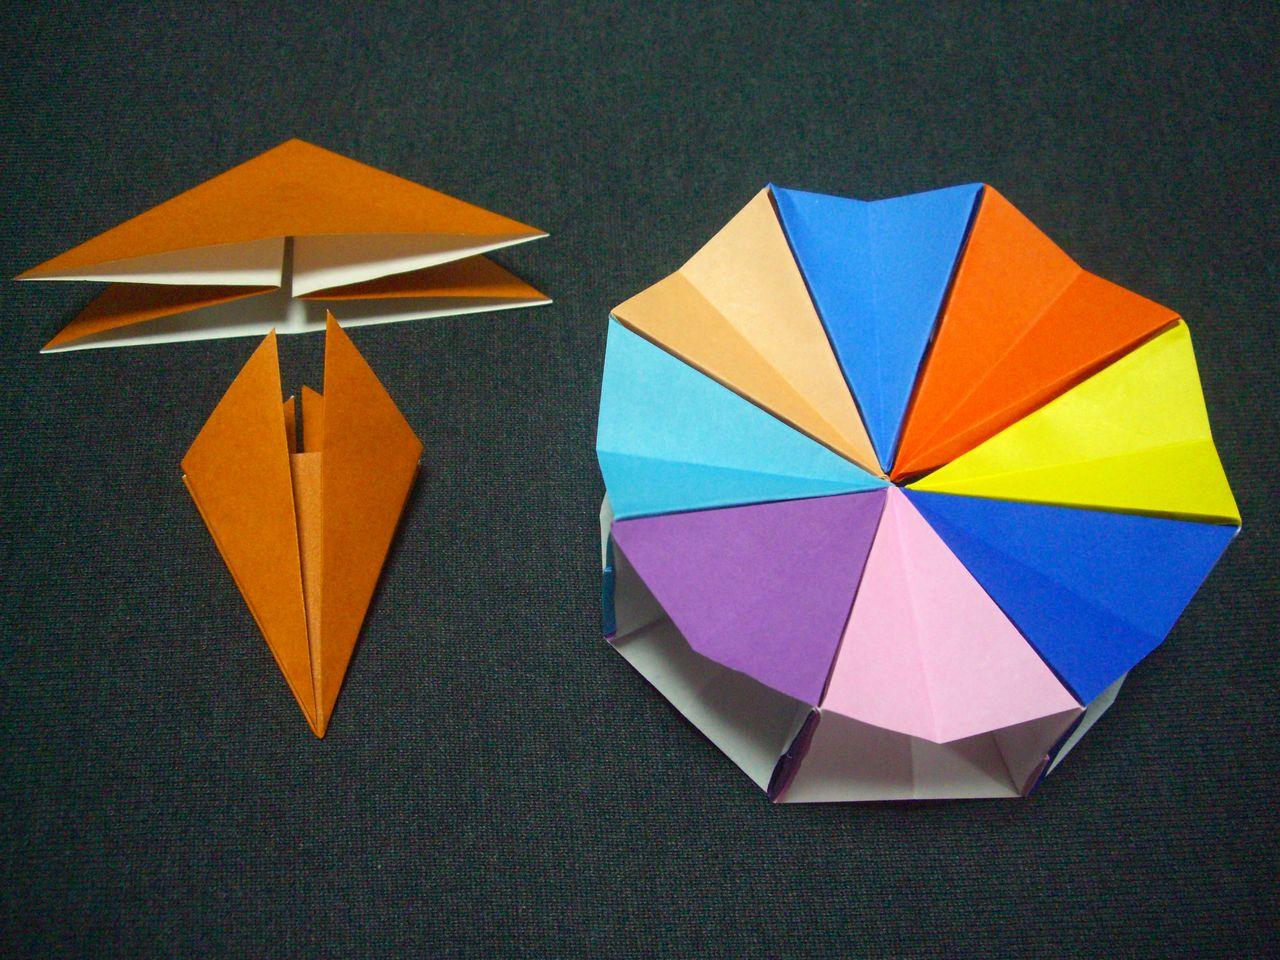 折り紙の 朝顔の折り紙の折り方 : origami 折り紙 : ebisuchachaの ...